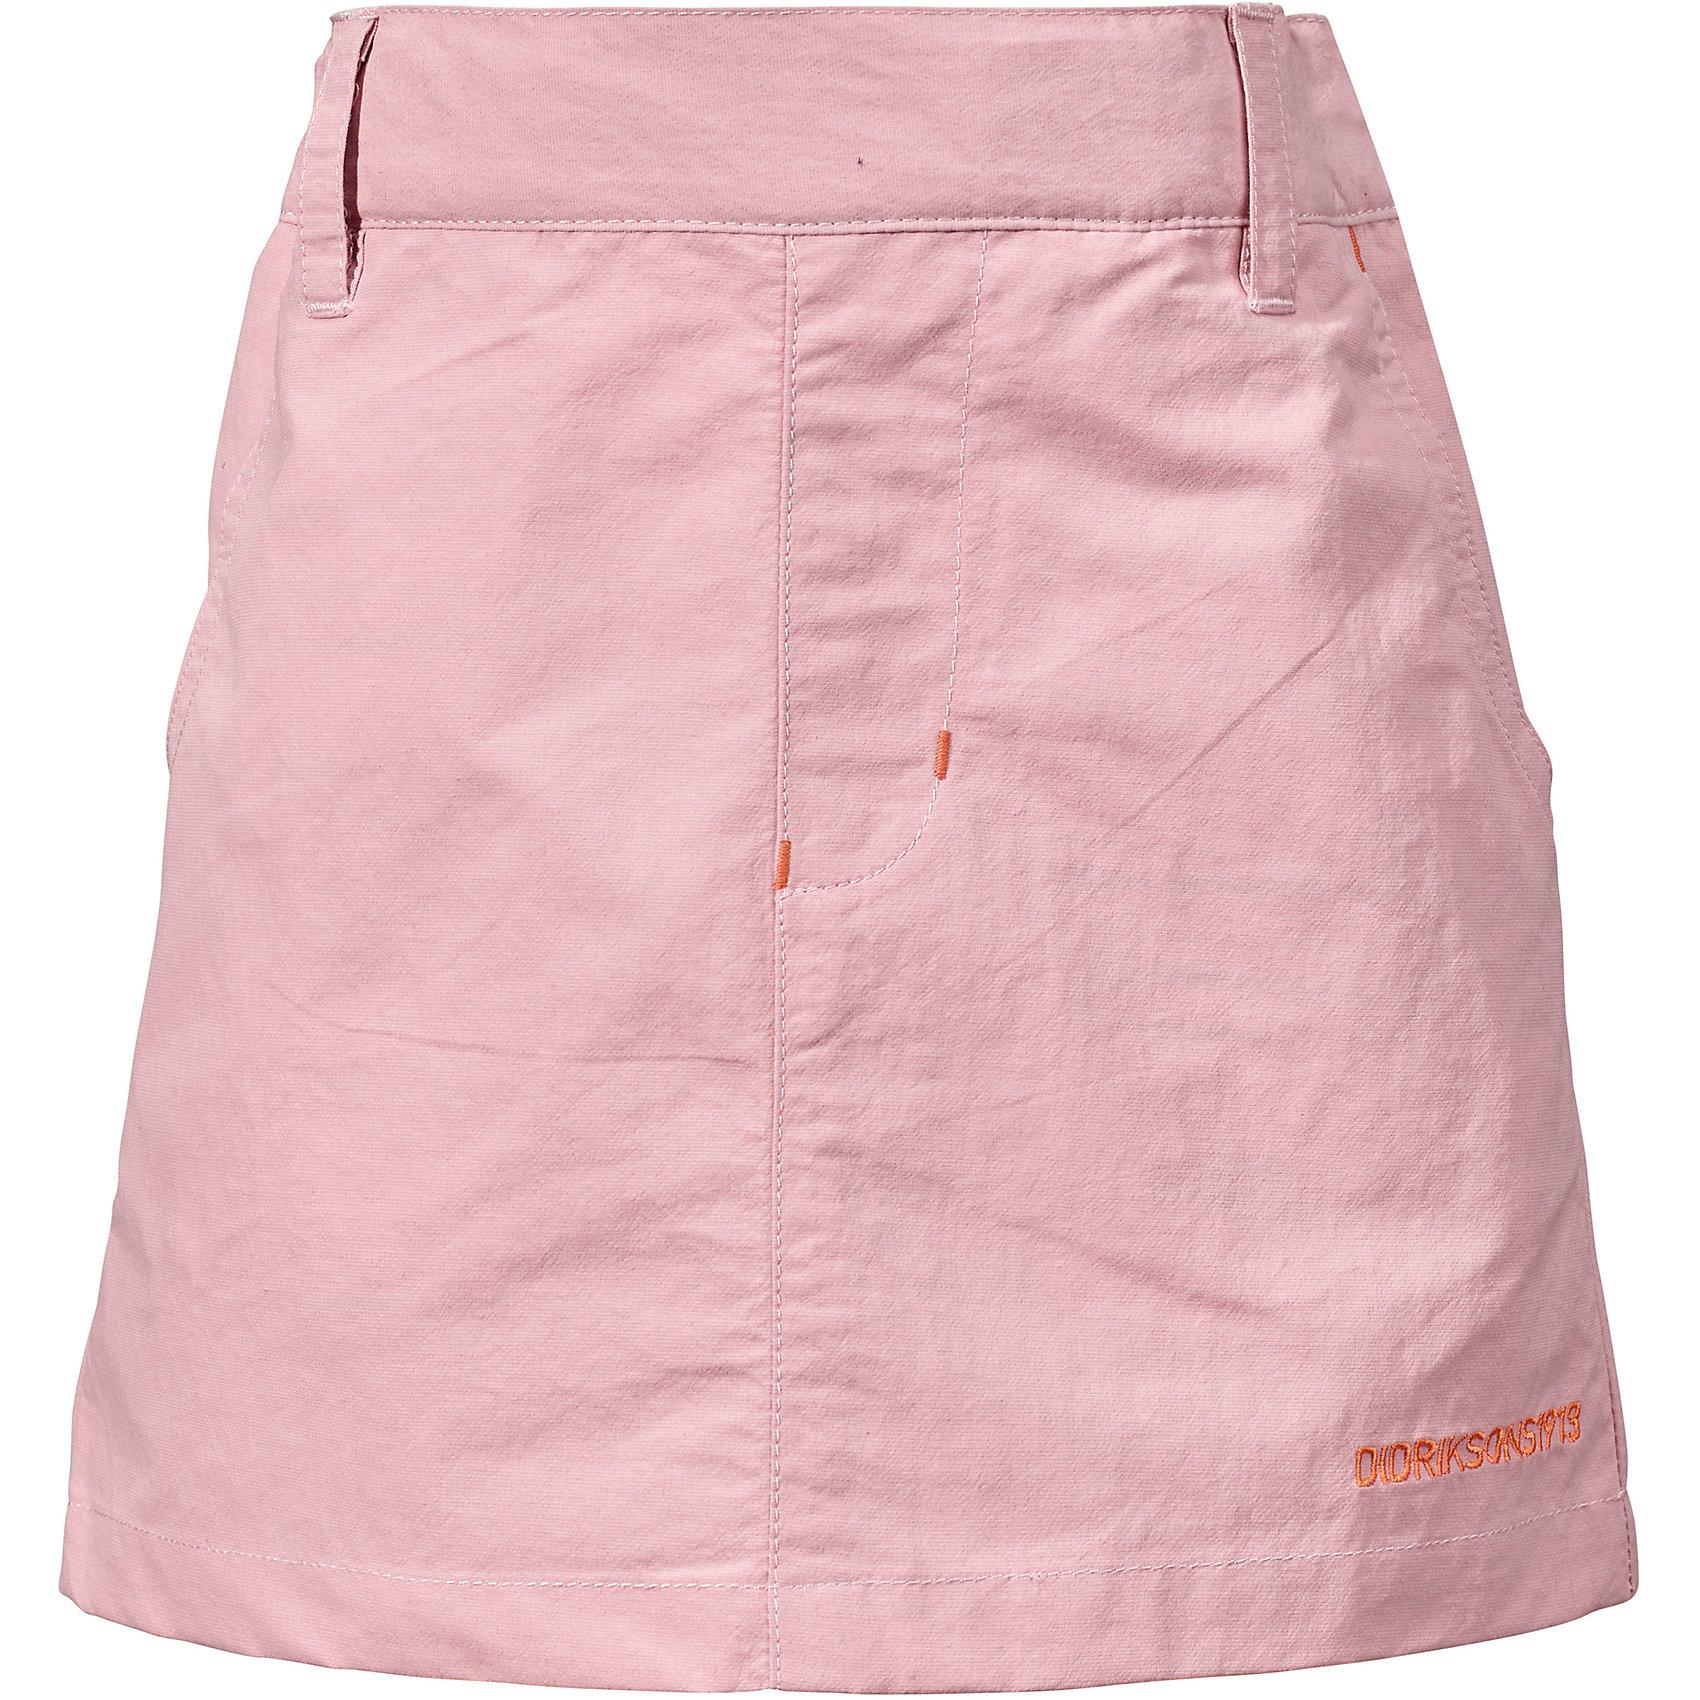 Юбка MASEN для девочки DIDRIKSONSЮбки<br>Детская юбка из смешанной ткани (с хлопком). Боковые карманы. Регулируемая талия.<br>Состав:<br>70% полиамид, 30% хлопок<br><br>Ширина мм: 207<br>Глубина мм: 10<br>Высота мм: 189<br>Вес г: 183<br>Цвет: розовый<br>Возраст от месяцев: 36<br>Возраст до месяцев: 48<br>Пол: Женский<br>Возраст: Детский<br>Размер: 100,120,130,90,110,80<br>SKU: 5527289